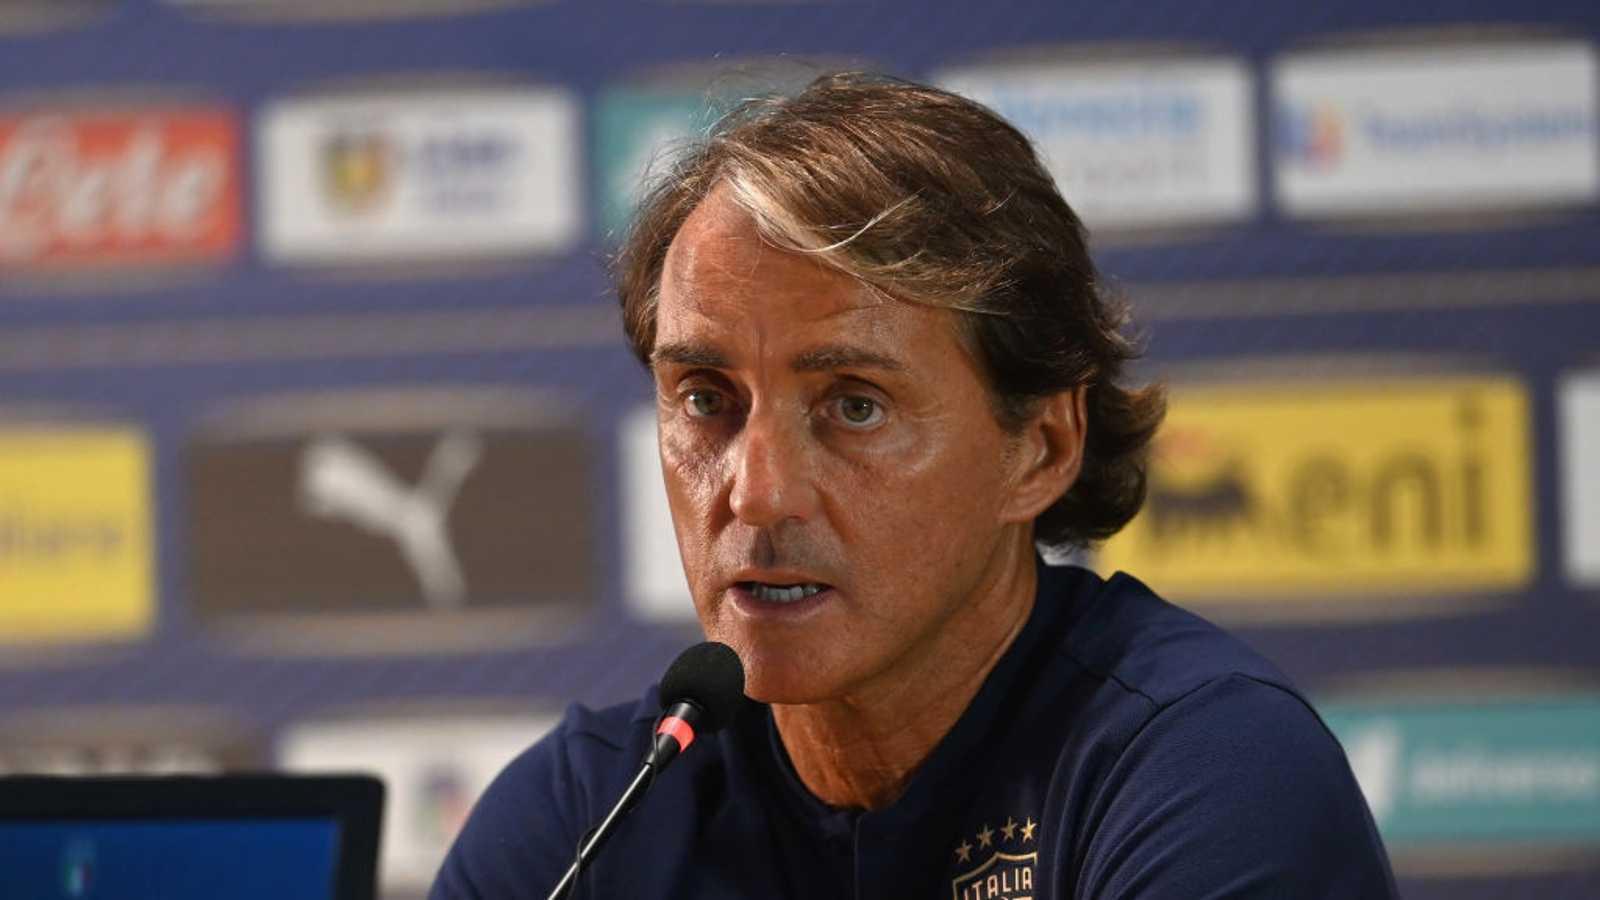 Le pagelle di Italia-Galles (1-0): Azzurri primi nel girone